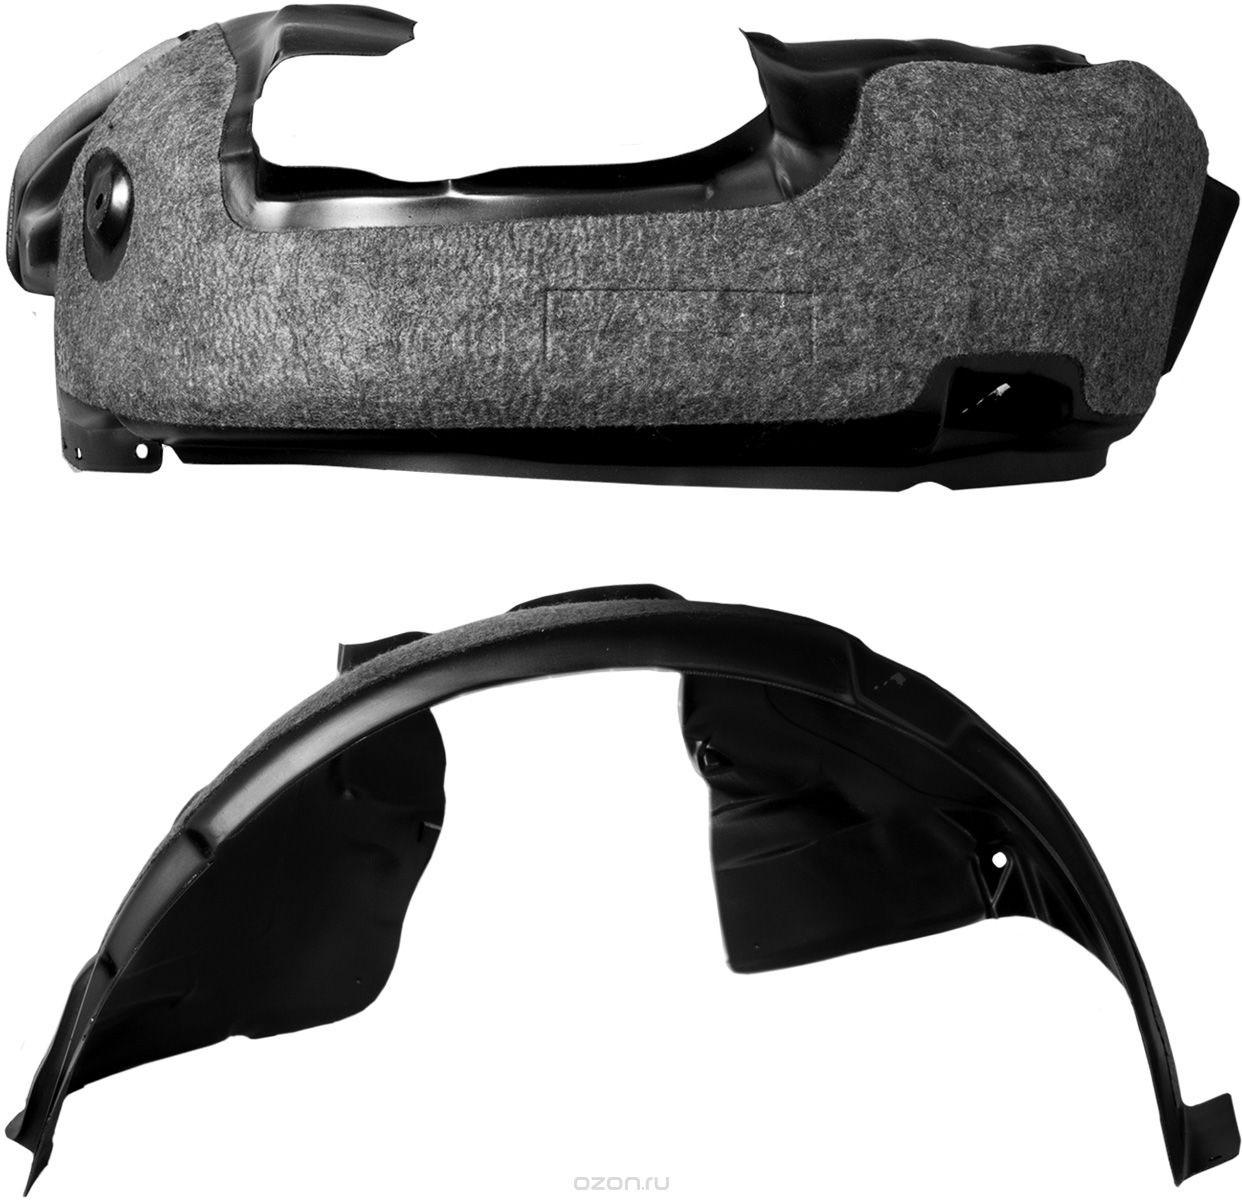 Подкрылок Novline-Autofamily с шумоизоляцией, для Mitsubishi Outlander, 2015->, задний правыйNLS.35.31.004Идеальная защита колесной ниши. Локеры разработаны с применением цифровых технологий, гарантируют максимальную повторяемость поверхности арки. Изделия устанавливаются без нарушения лакокрасочного покрытия автомобиля, каждый подкрылок комплектуется крепежом. Уважаемые клиенты, обращаем ваше внимание, что фотографии на подкрылки универсальные и не отражают реальную форму изделия. При этом само изделие идет точно под размер указанного автомобиля.